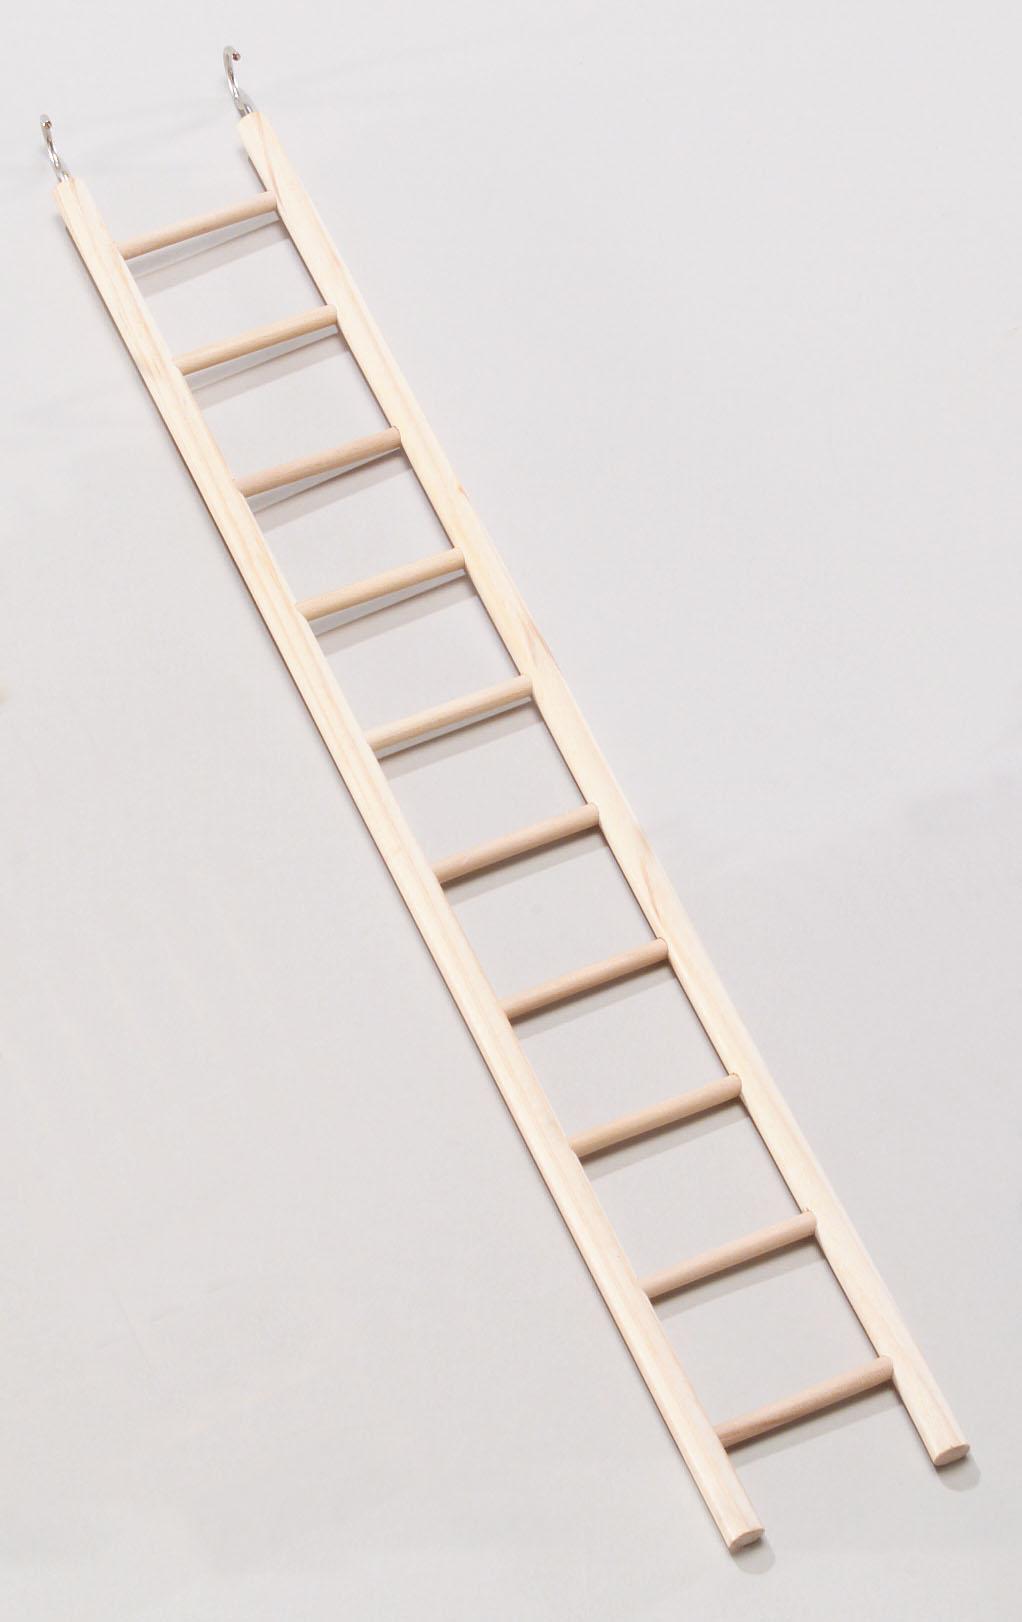 escalera madera image